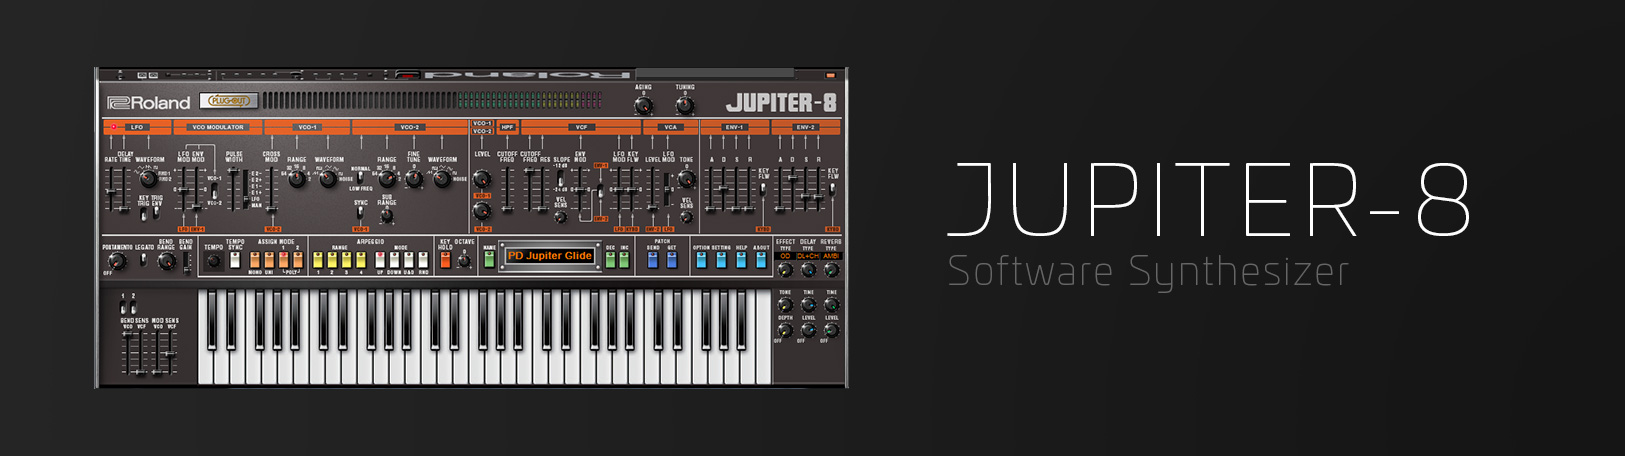 jupiter-8.jpg